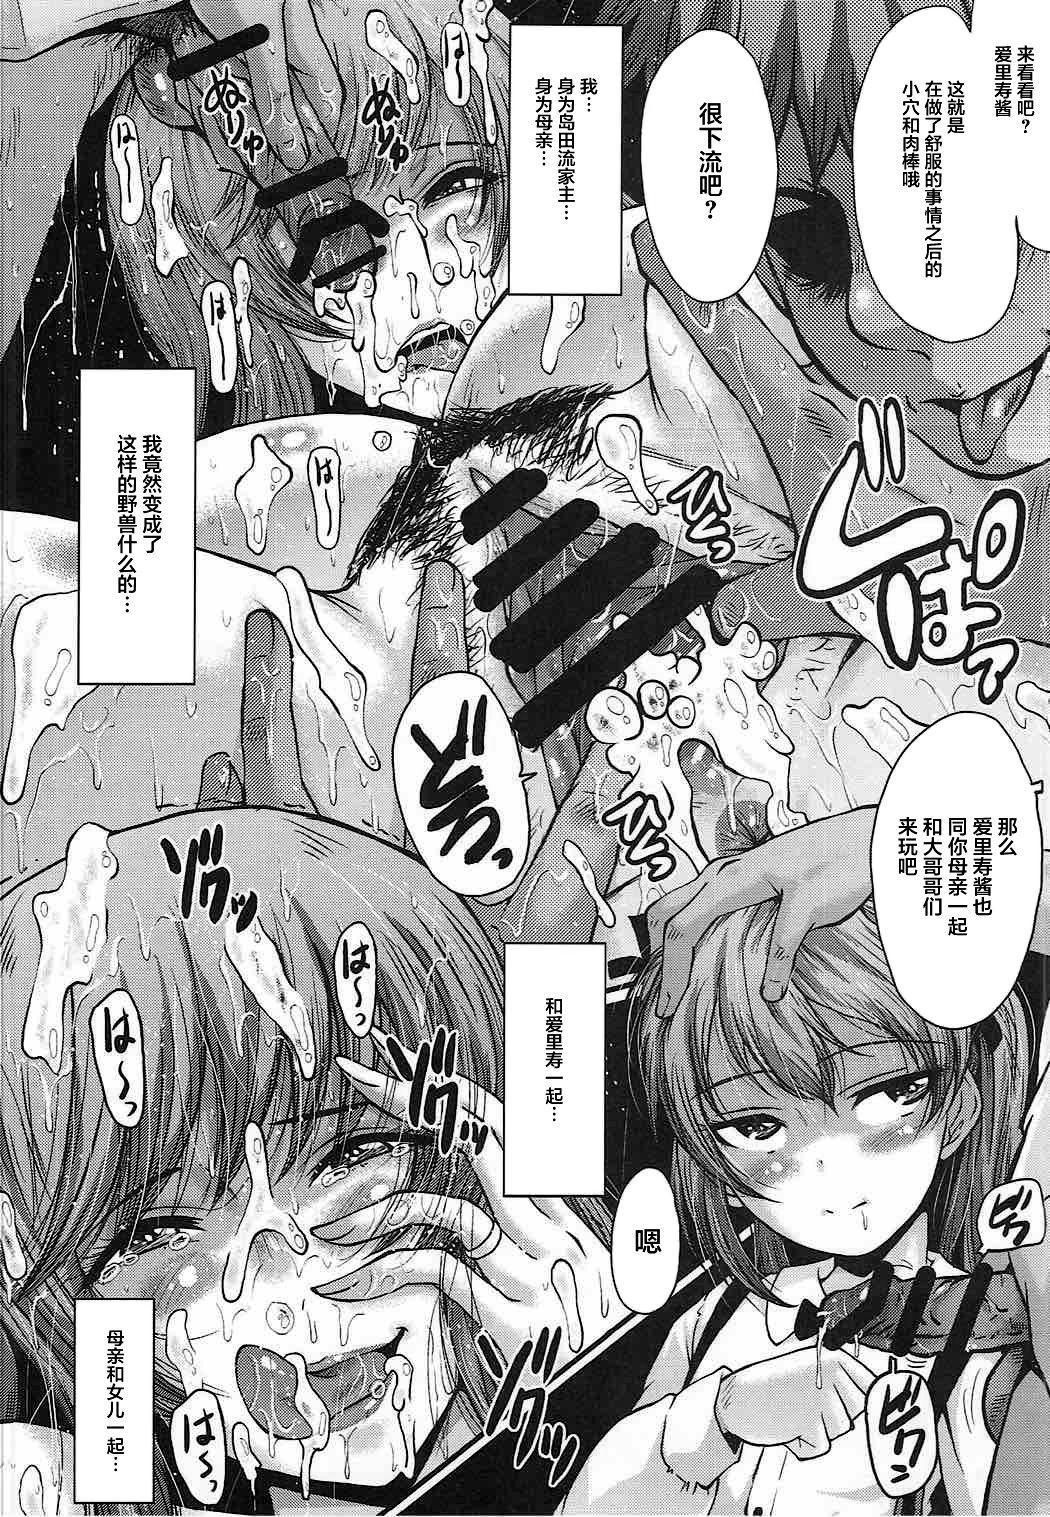 Urabambi Vol. 55 Yuukan Madam no Shiroi Niku 22